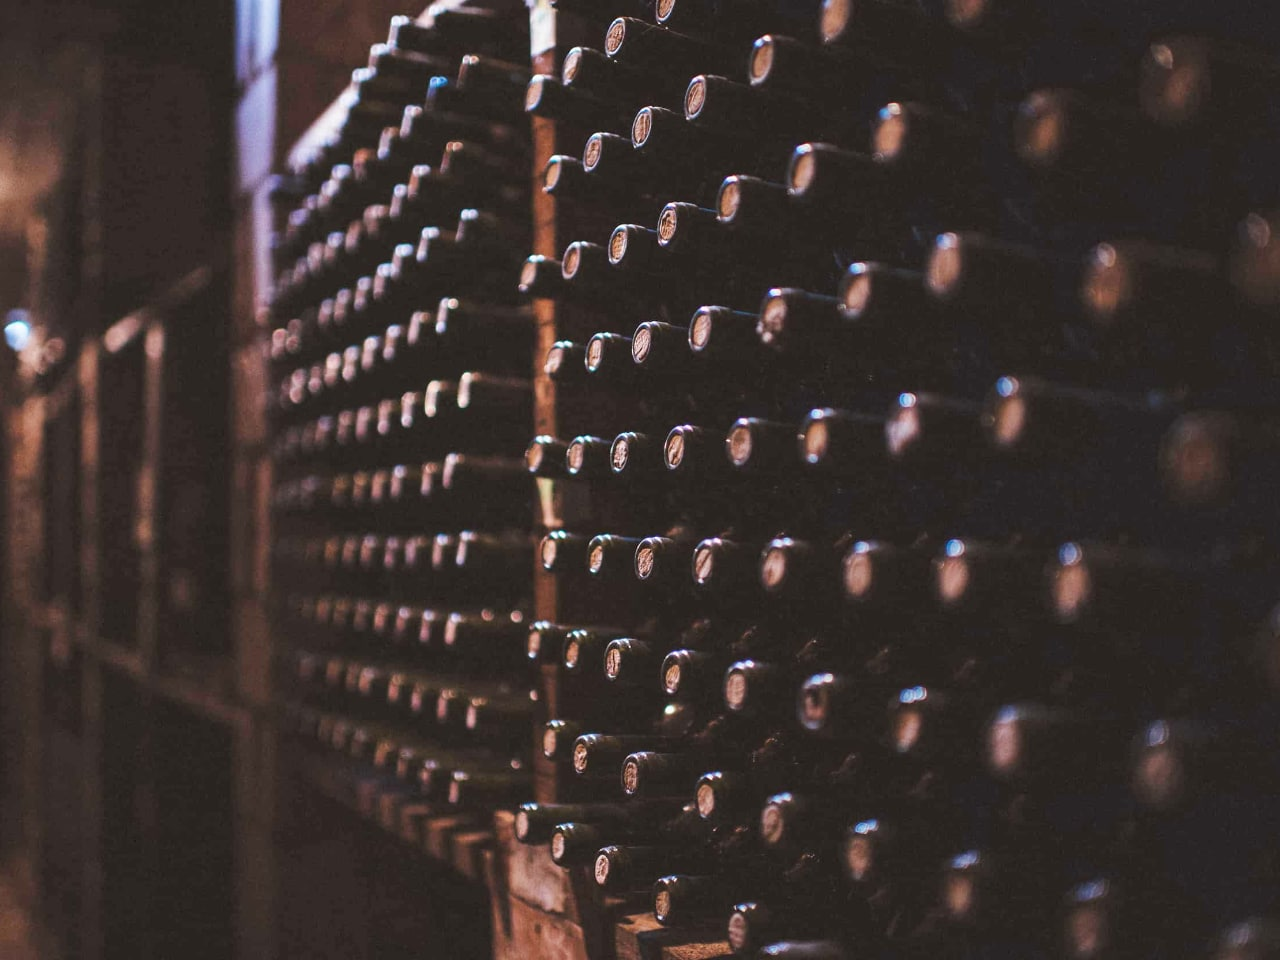 Wine tasting dourakis Winery, bio organic dourakis winery, cooking lessons dourakis winery, organic wine tasting chania crete, best activities chania crete, things to do chania crete, wine meal dourakis winery, cheese wine tasting dourakis winery